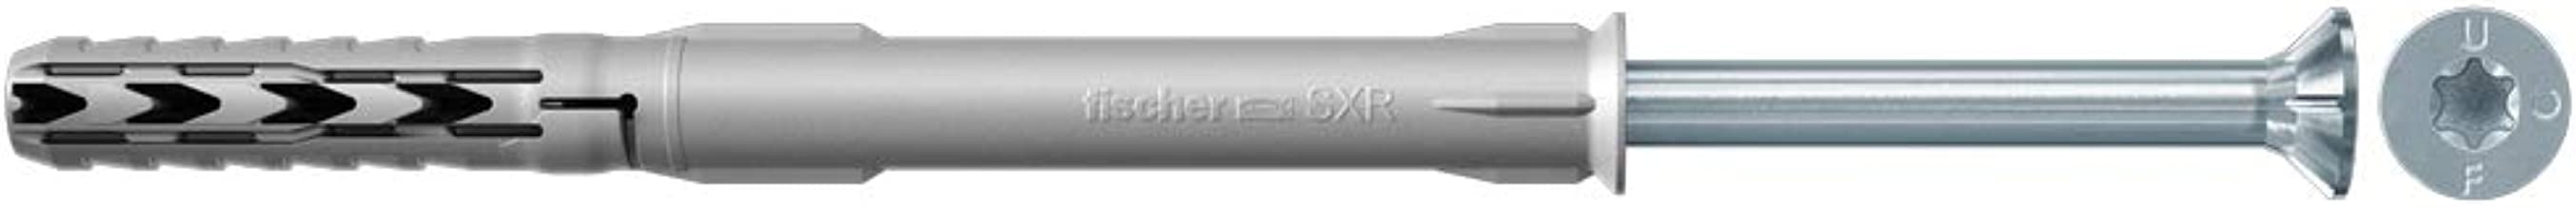 Fischer SXR 10 x 160 T - langschachtplug voor het bevestigen van gevel-, plafond- en dakonderconstructies, ramen enz. in m...